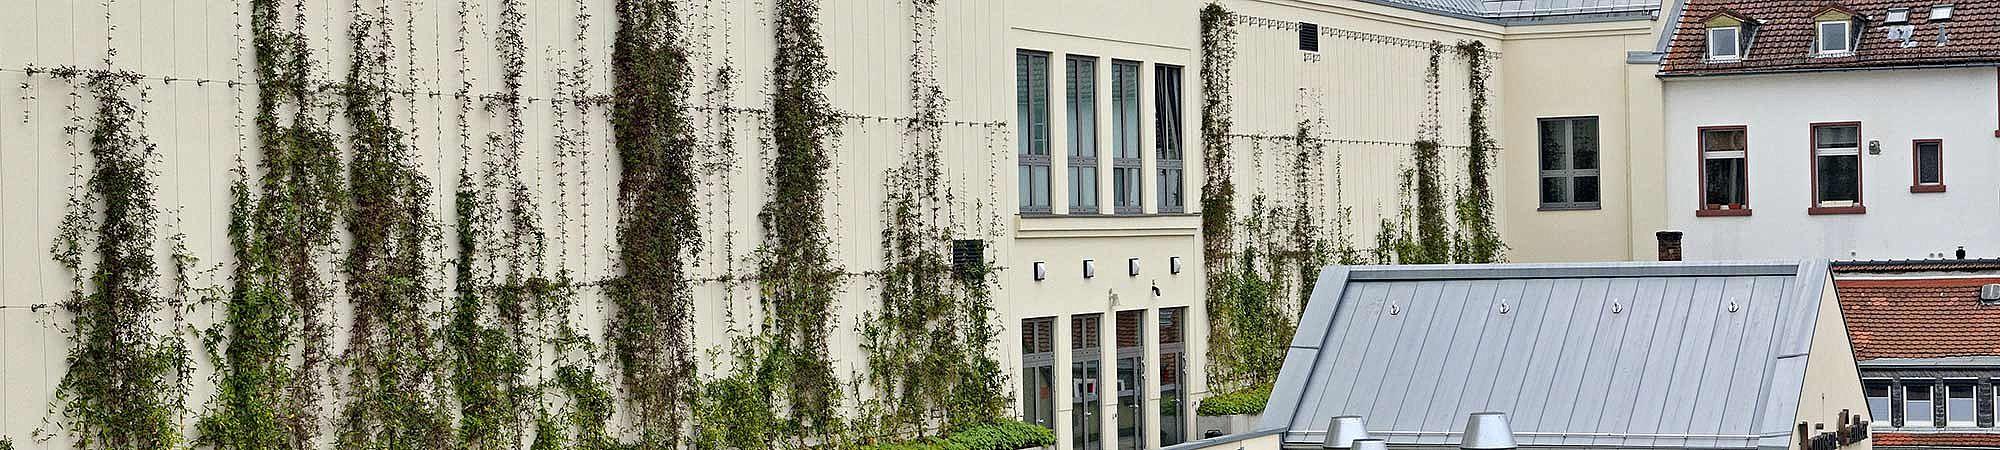 Bad Homburg Fassadenbegrünung I-SYS Edelstahl-seilsysteme